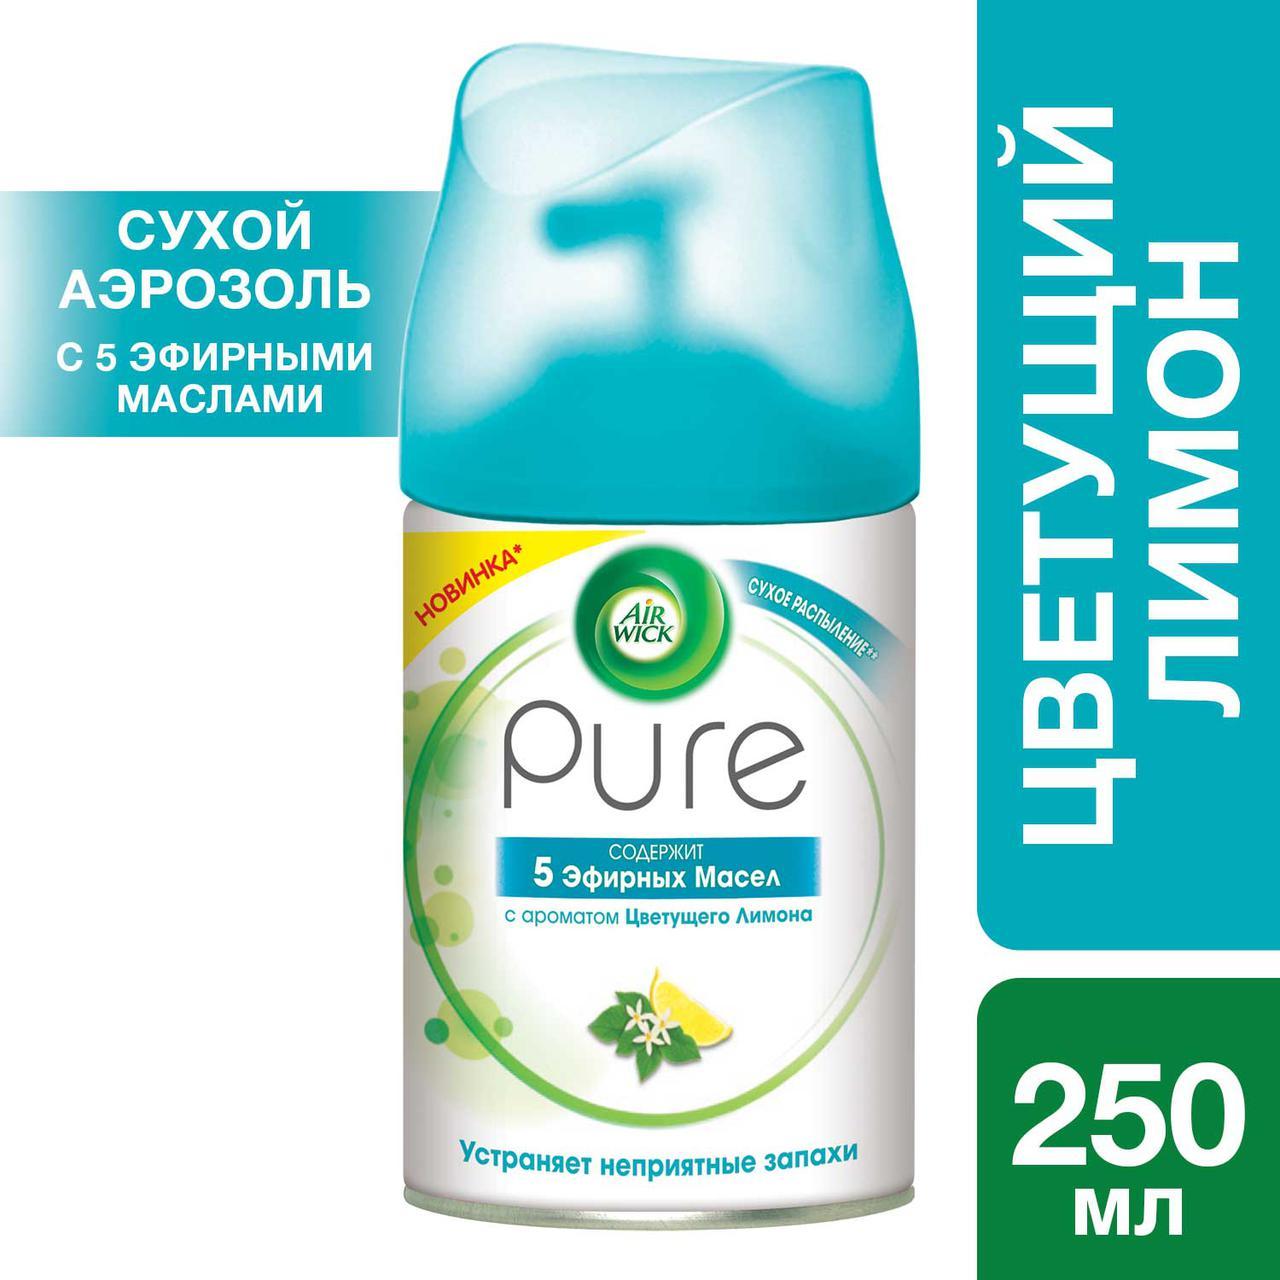 Сменный аэрозольный баллон Air Wick Freshmatic аромат Цветочного Лимона Серия Pure 250мл.